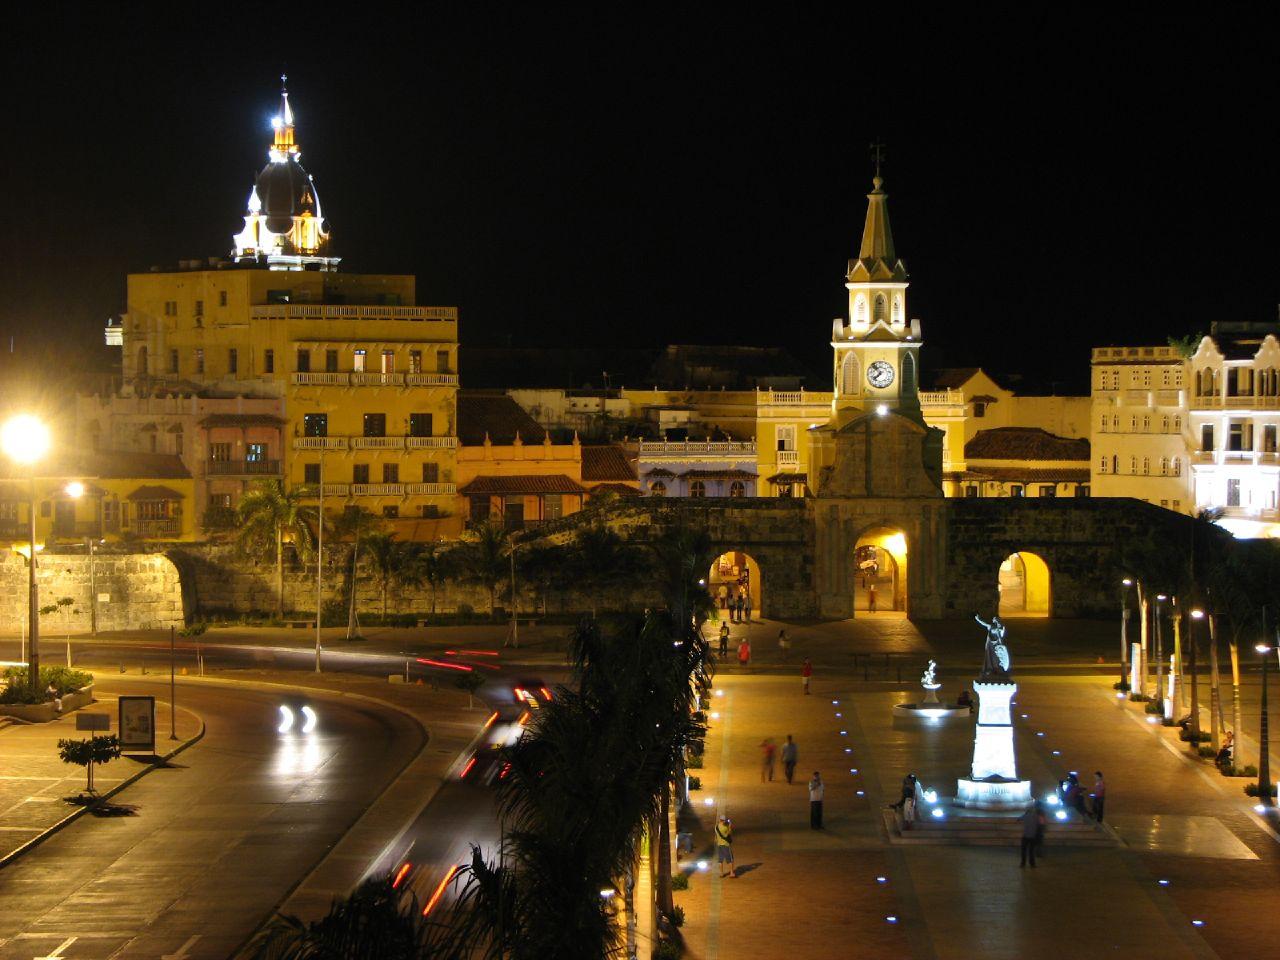 Noaptea, clădirile din Cartagena sunt frumos iluminate